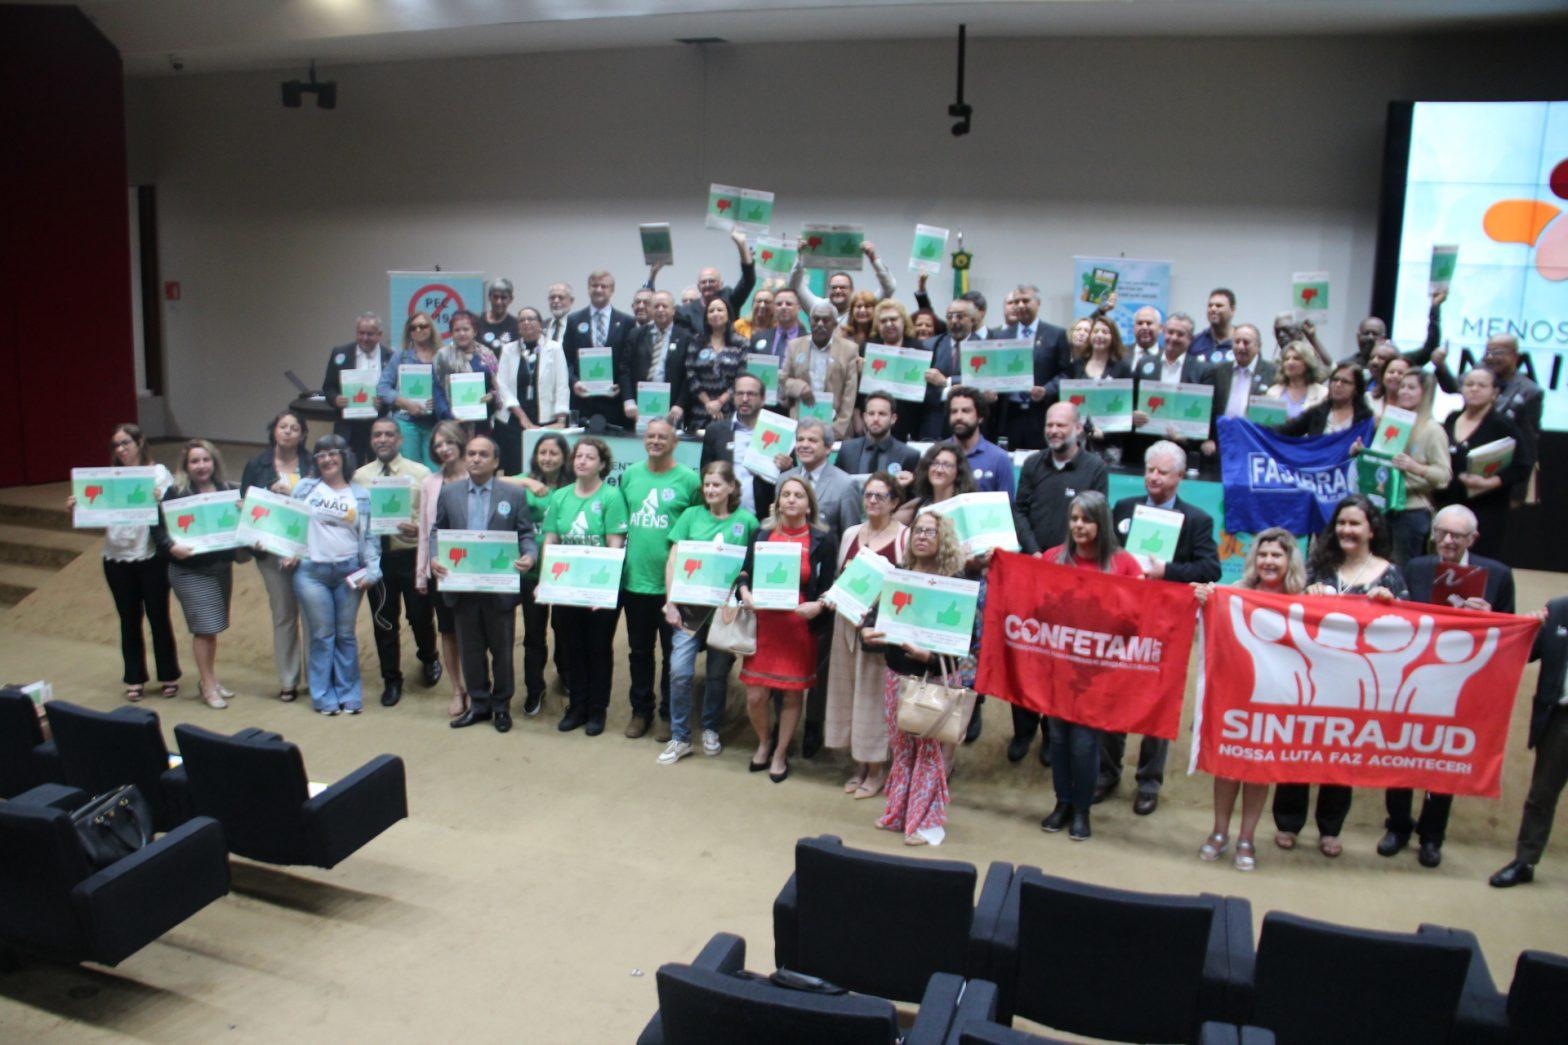 Pessoas de vários sindicatos reunidas num palco